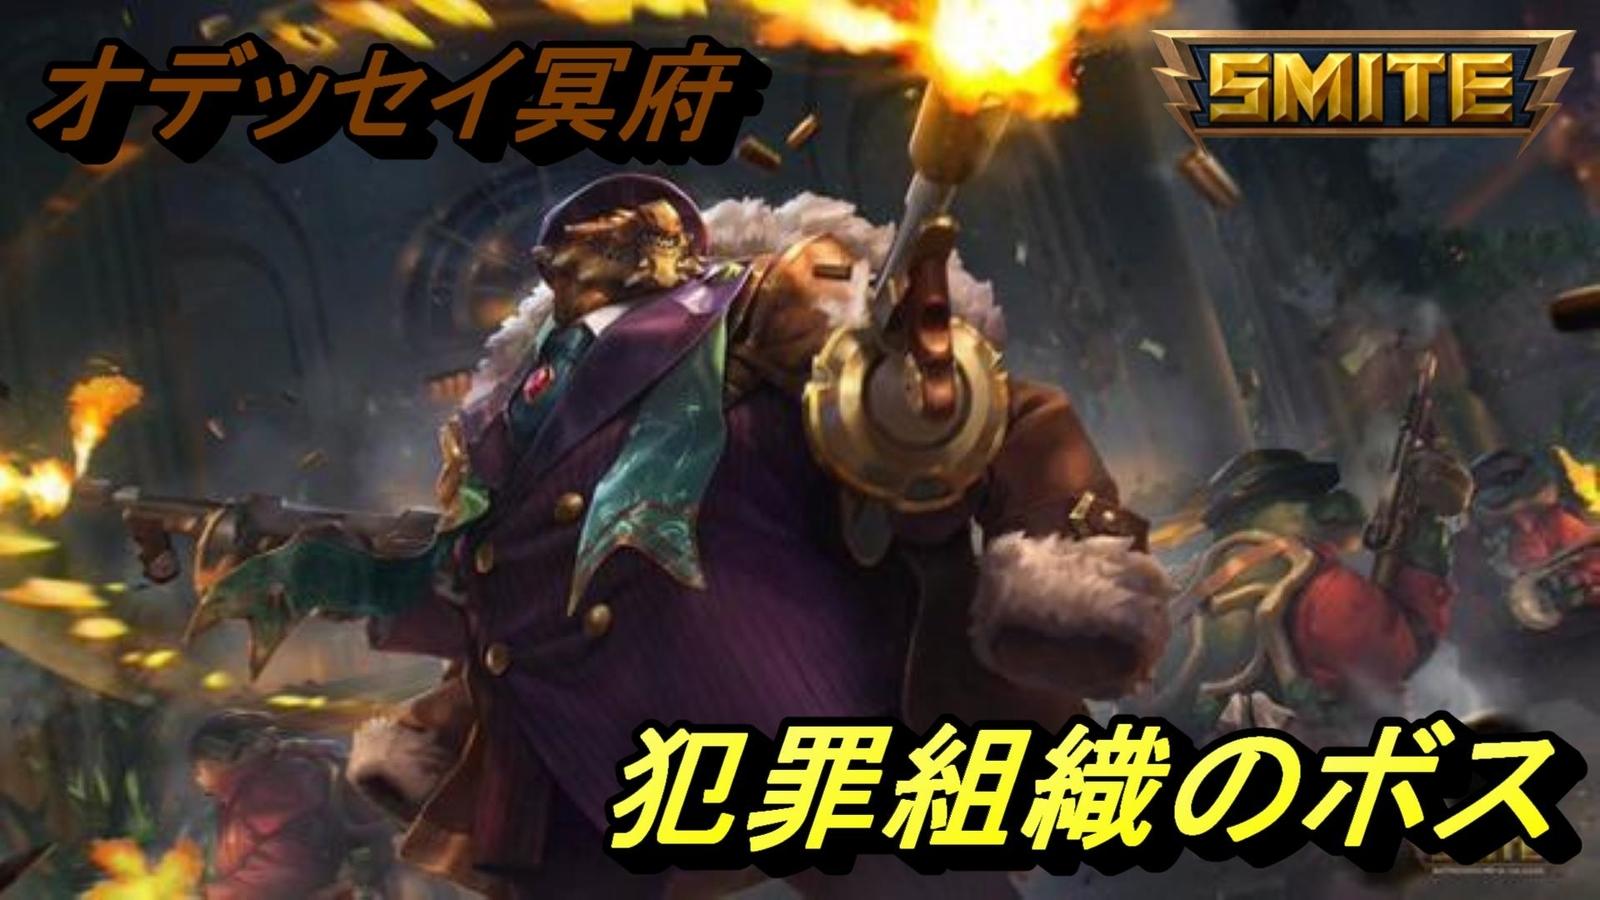 PS4スマイト 九千坊